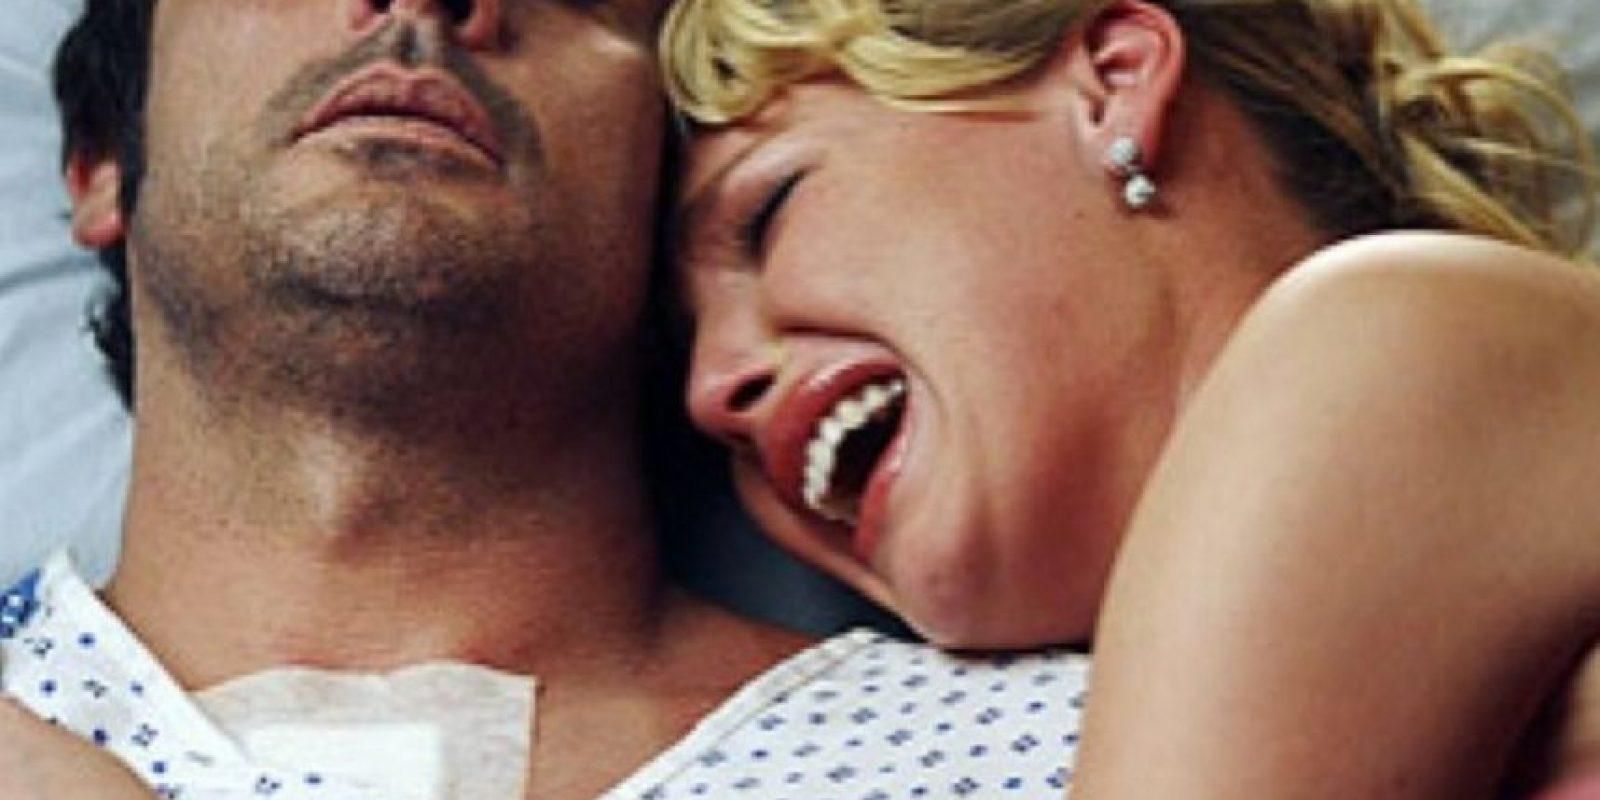 Interpretó a a Denny Duquette en la serie Grey's Anatomy Foto:Vía instagram.com/jeffreydeanmorgan1